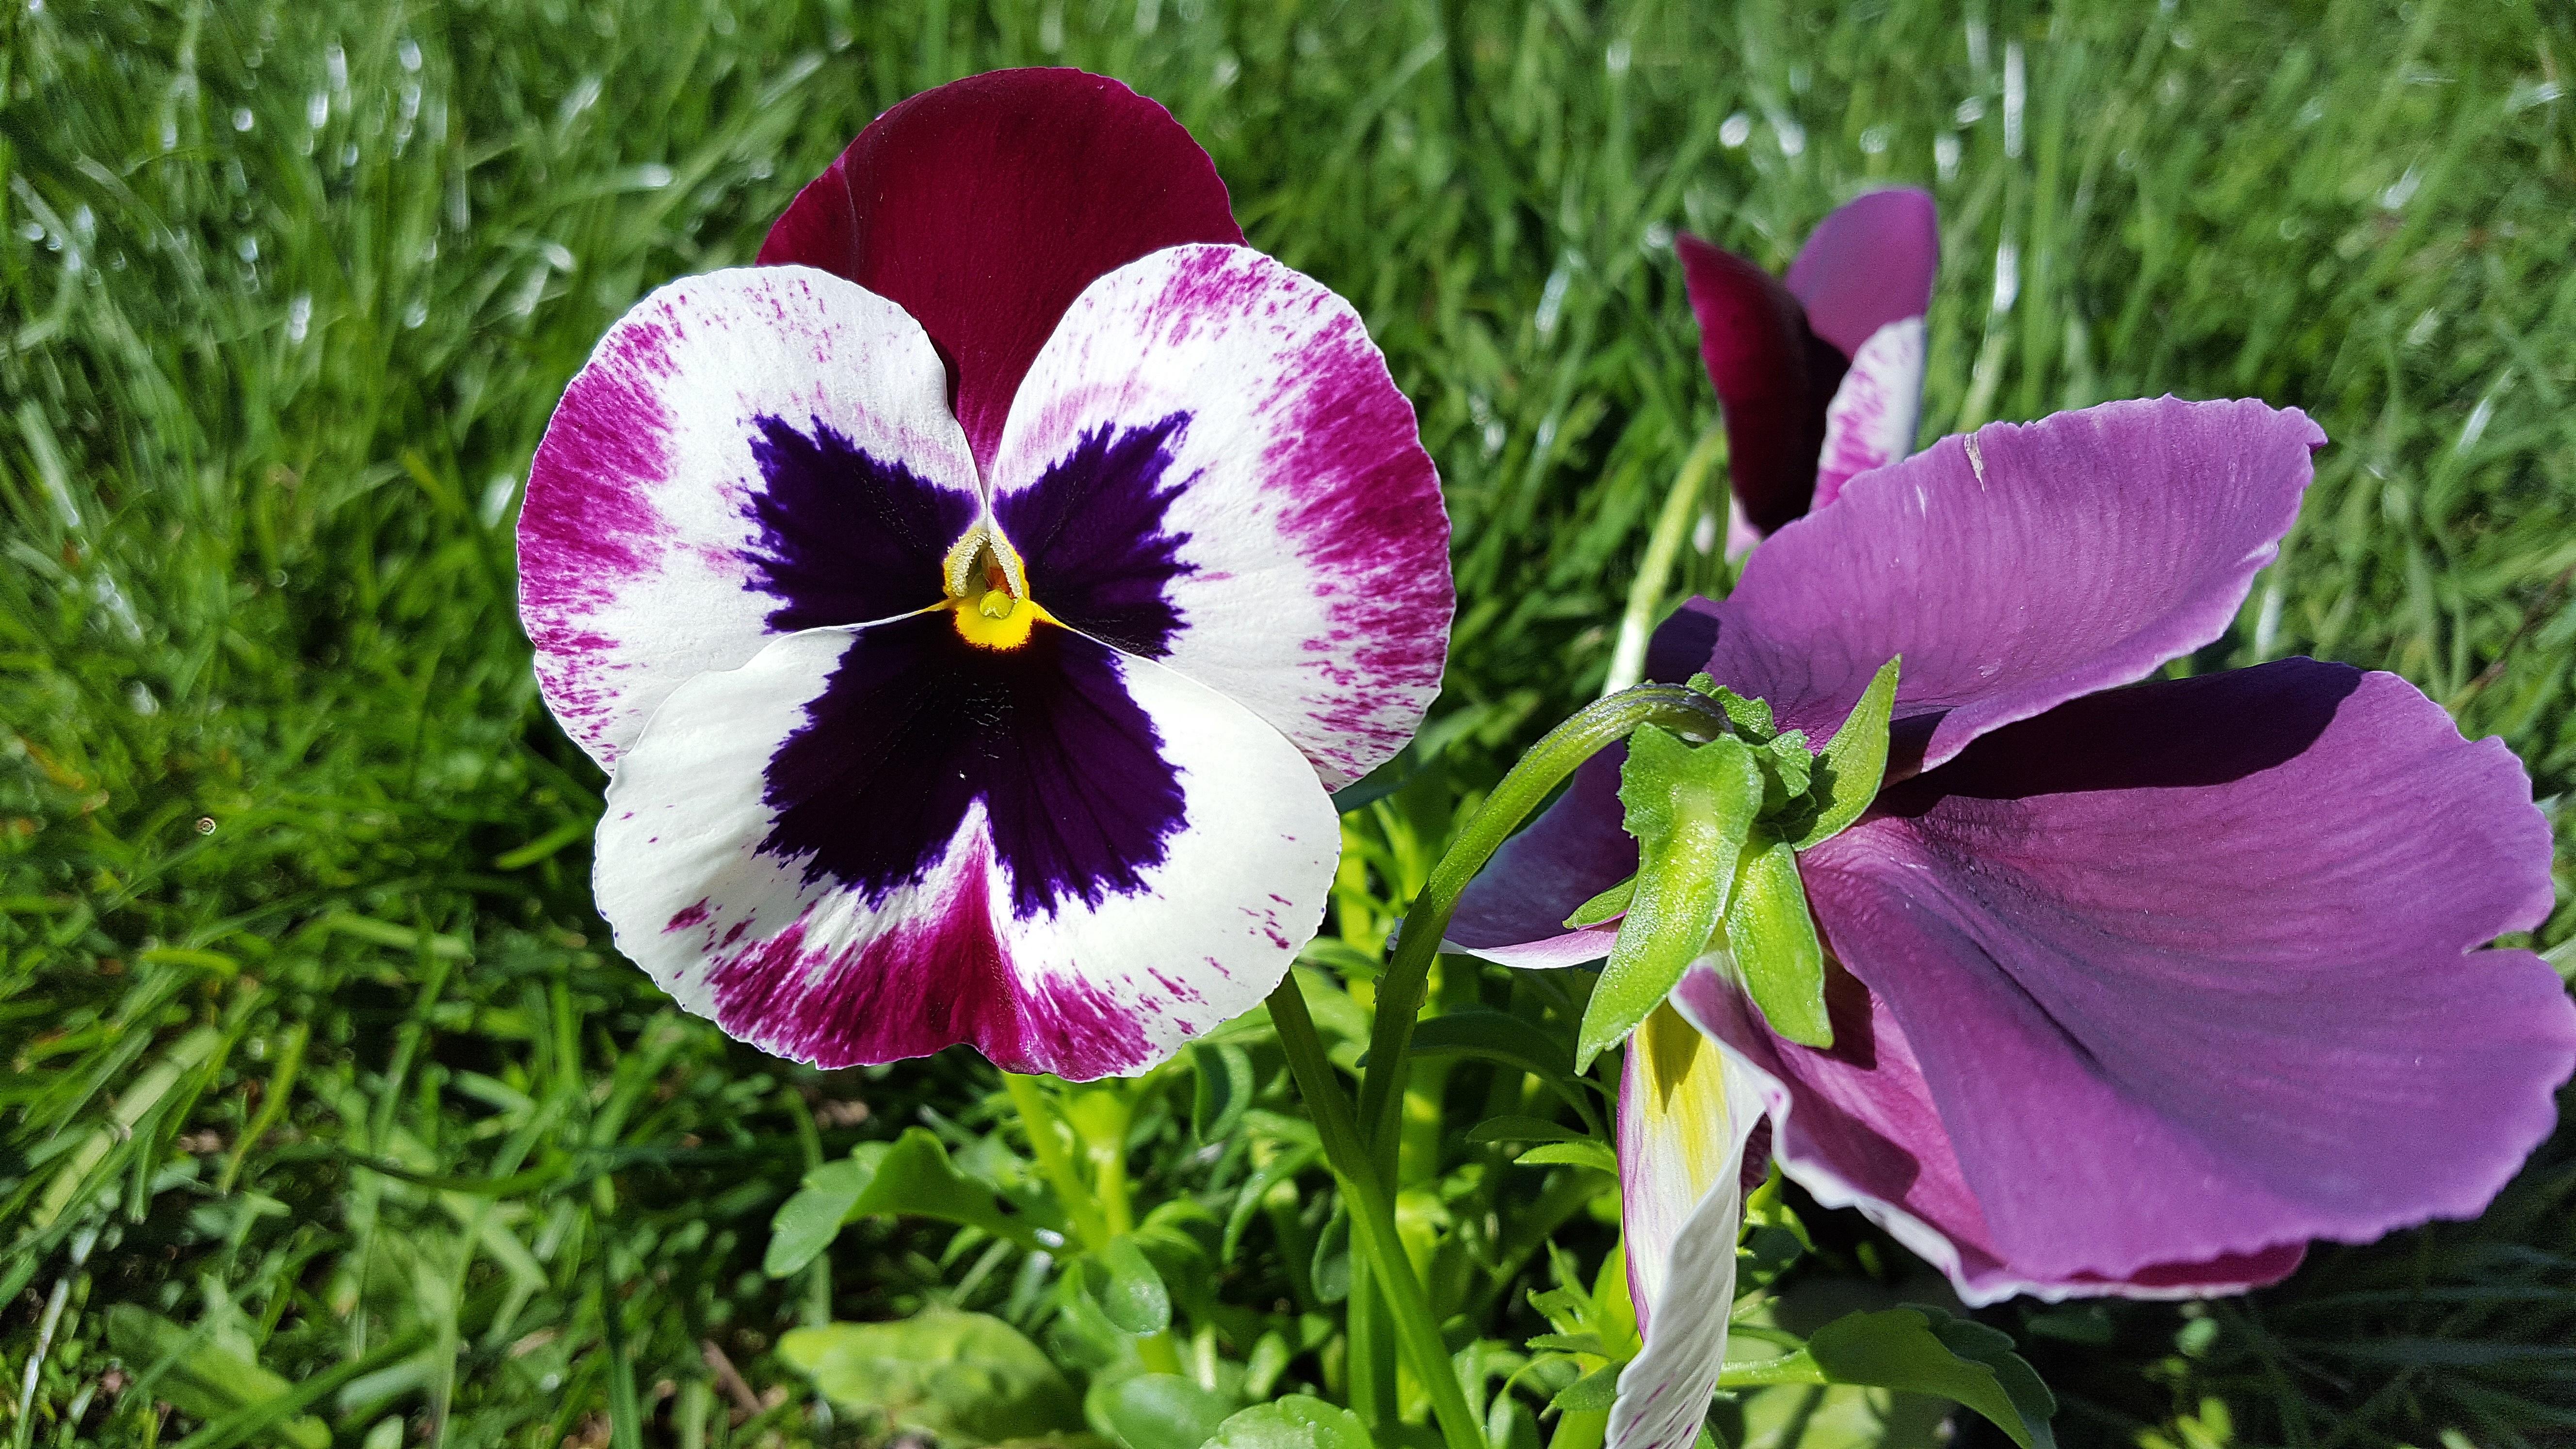 Free Images Nature Petal Floral Spring Botany Flora